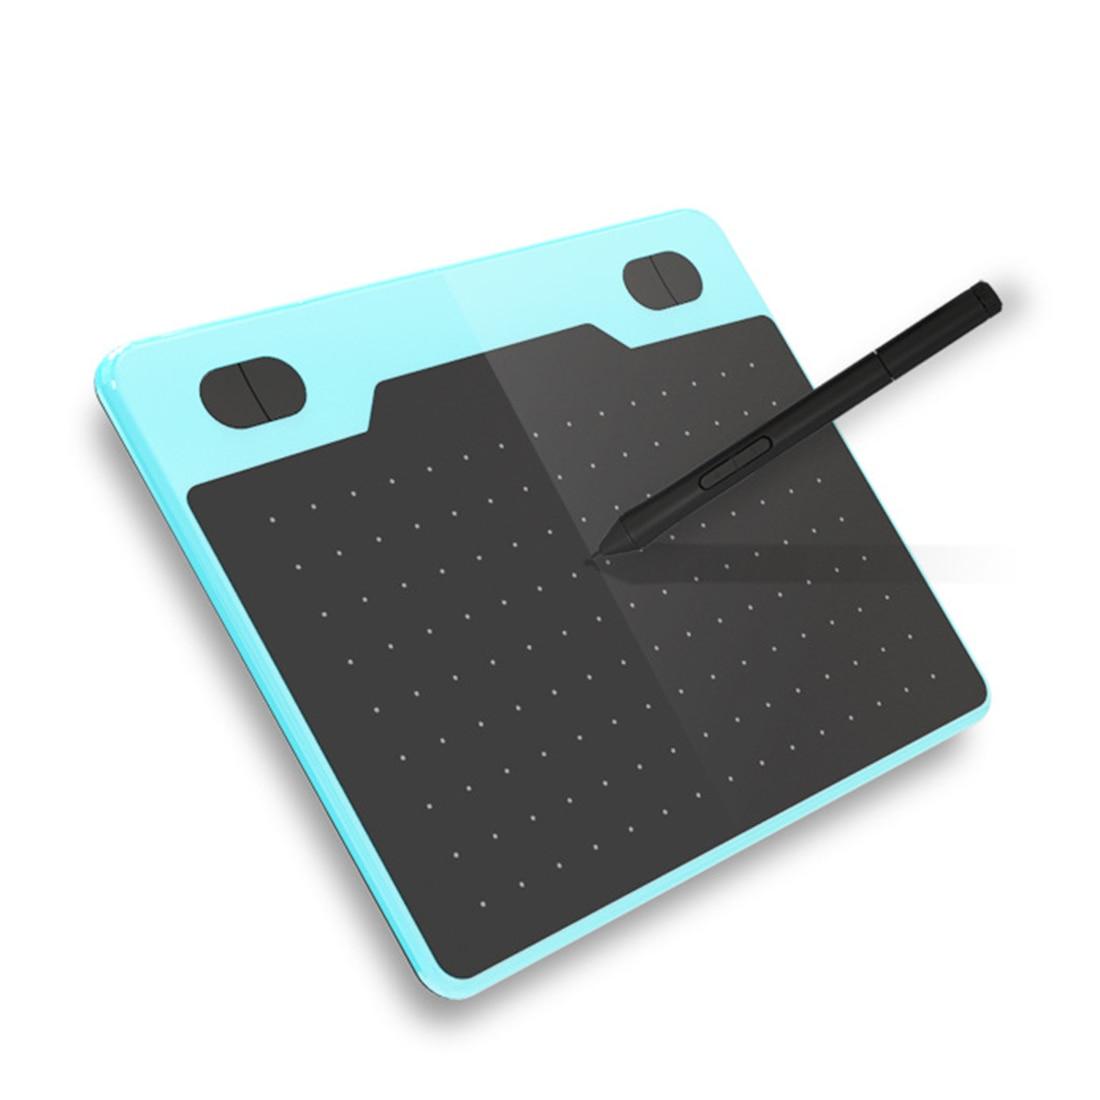 T503 لوح رسم جرافيكس خفيف الوزن محمول 8192 مستويات ضغط دفتر قطع رقمي للكمبيوتر والهاتف المحمول-أزرق